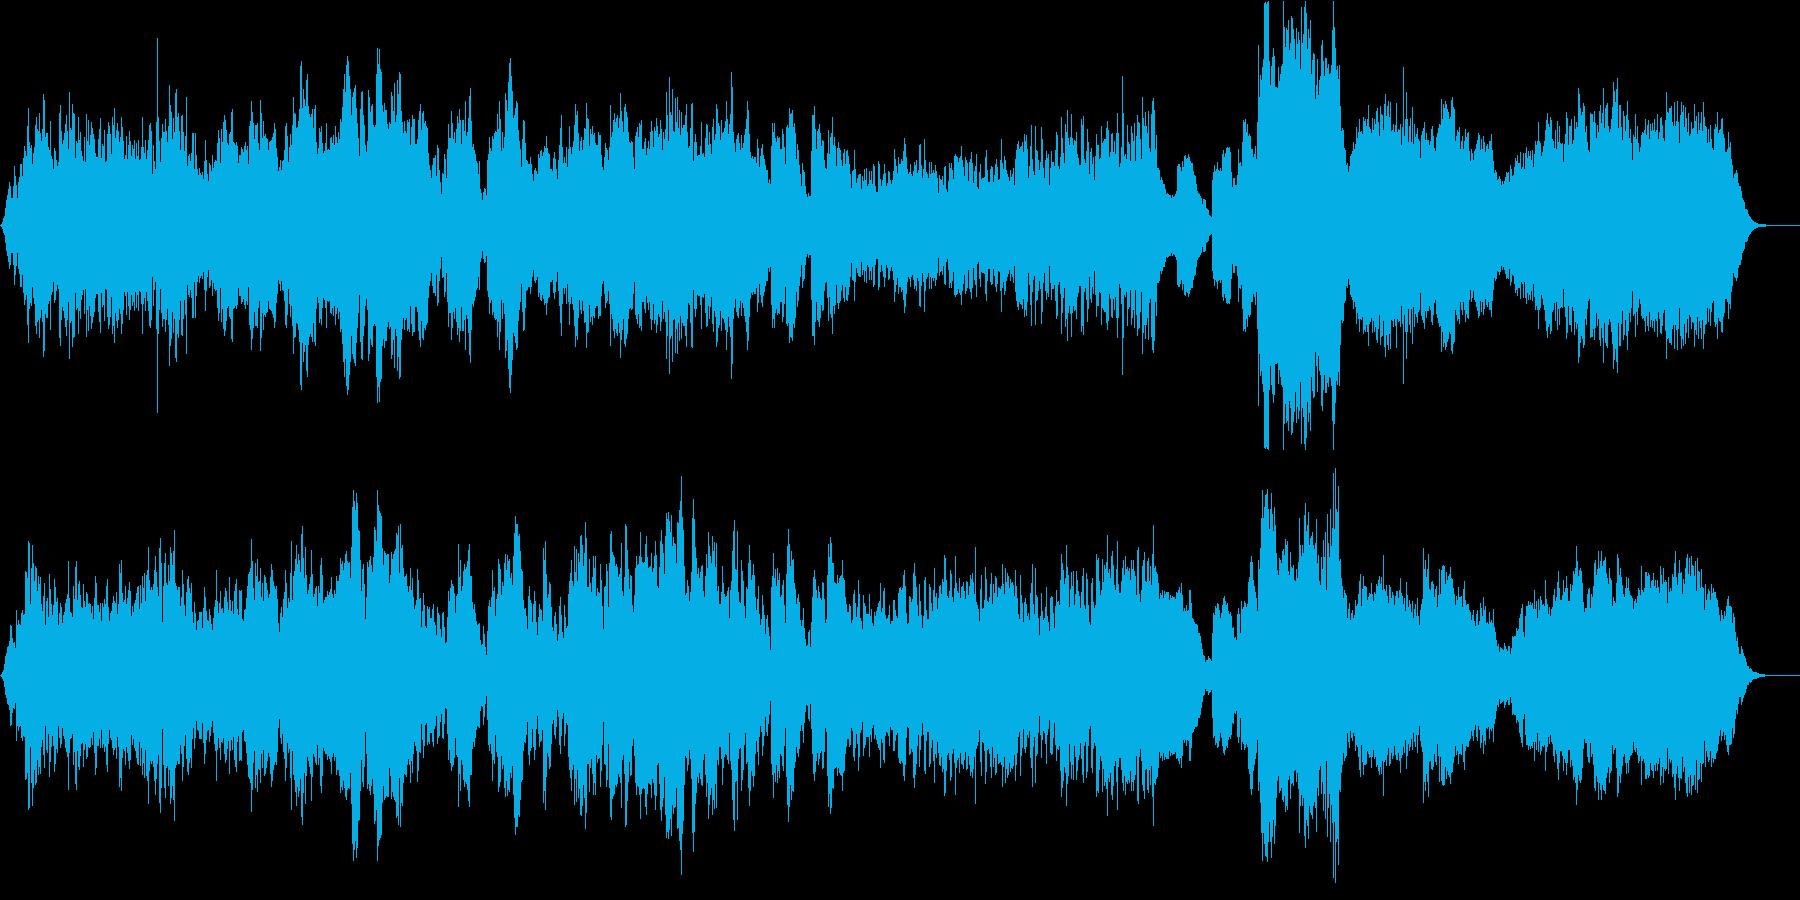 ファンタジー オーケルトラ 不思議の再生済みの波形